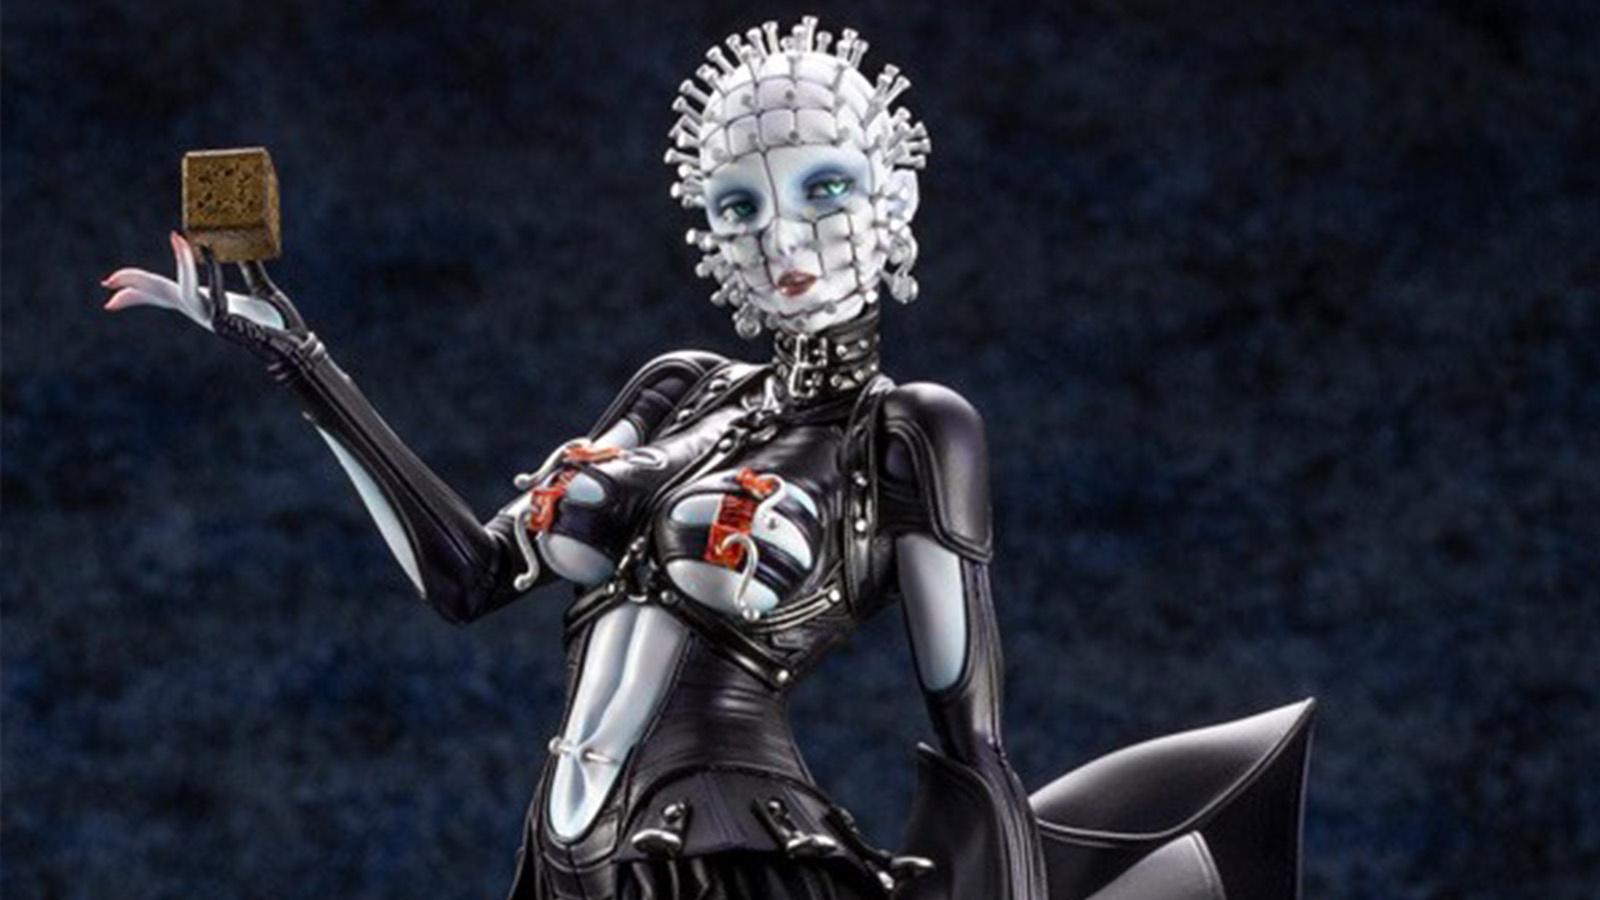 壽屋公開恐怖美少女系列《養鬼吃人3》釘子頭模型色樣